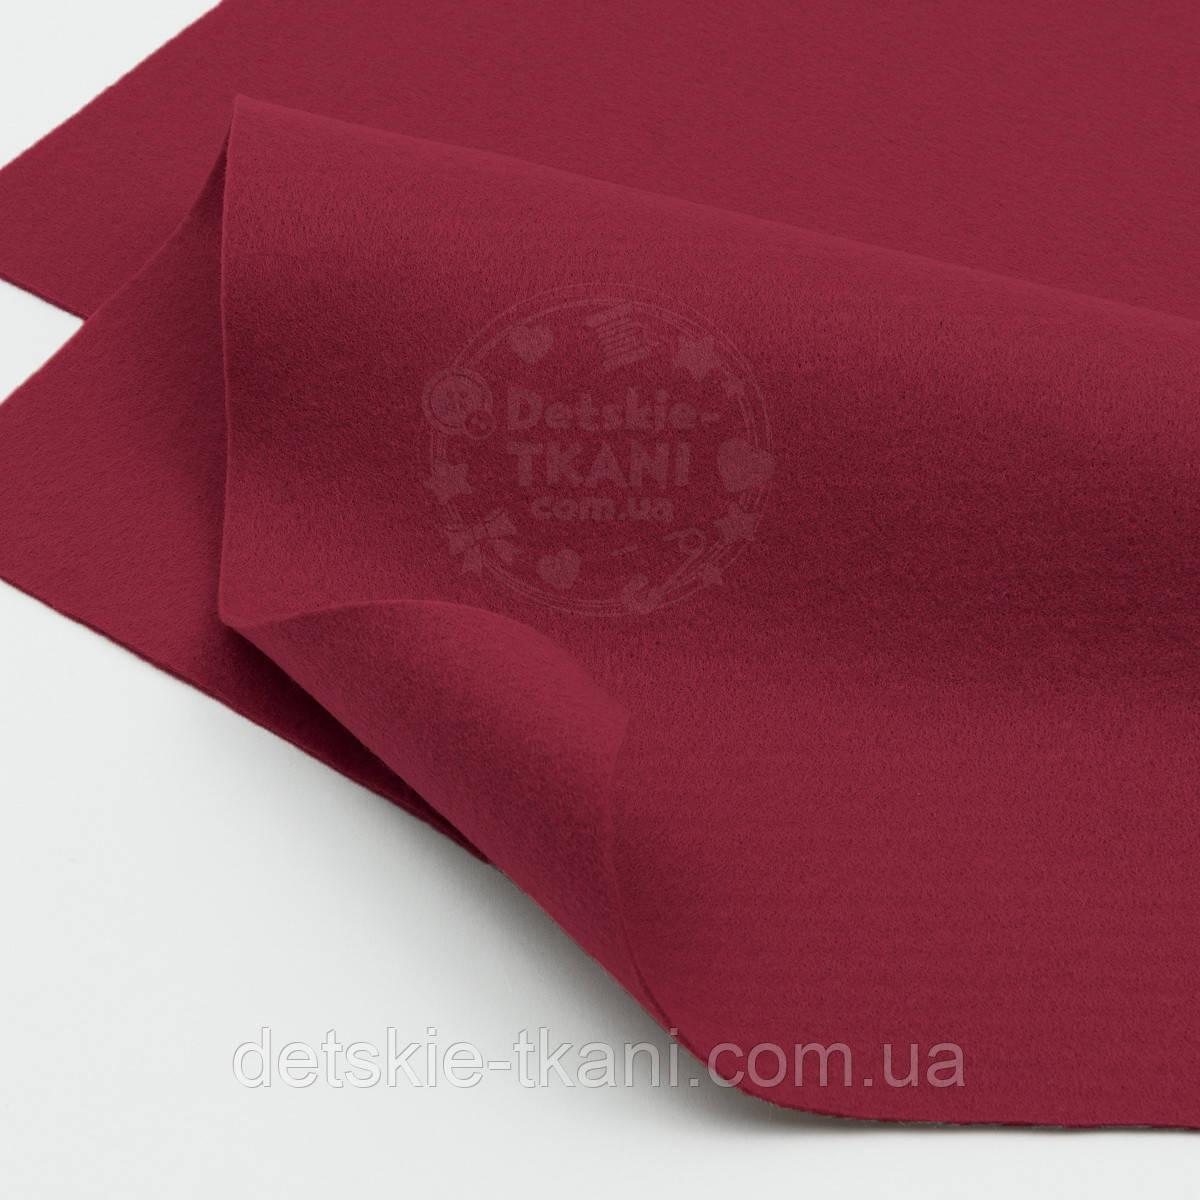 Мягкий листовой фетр бордового цвета 20*30 см (ФМ-15)